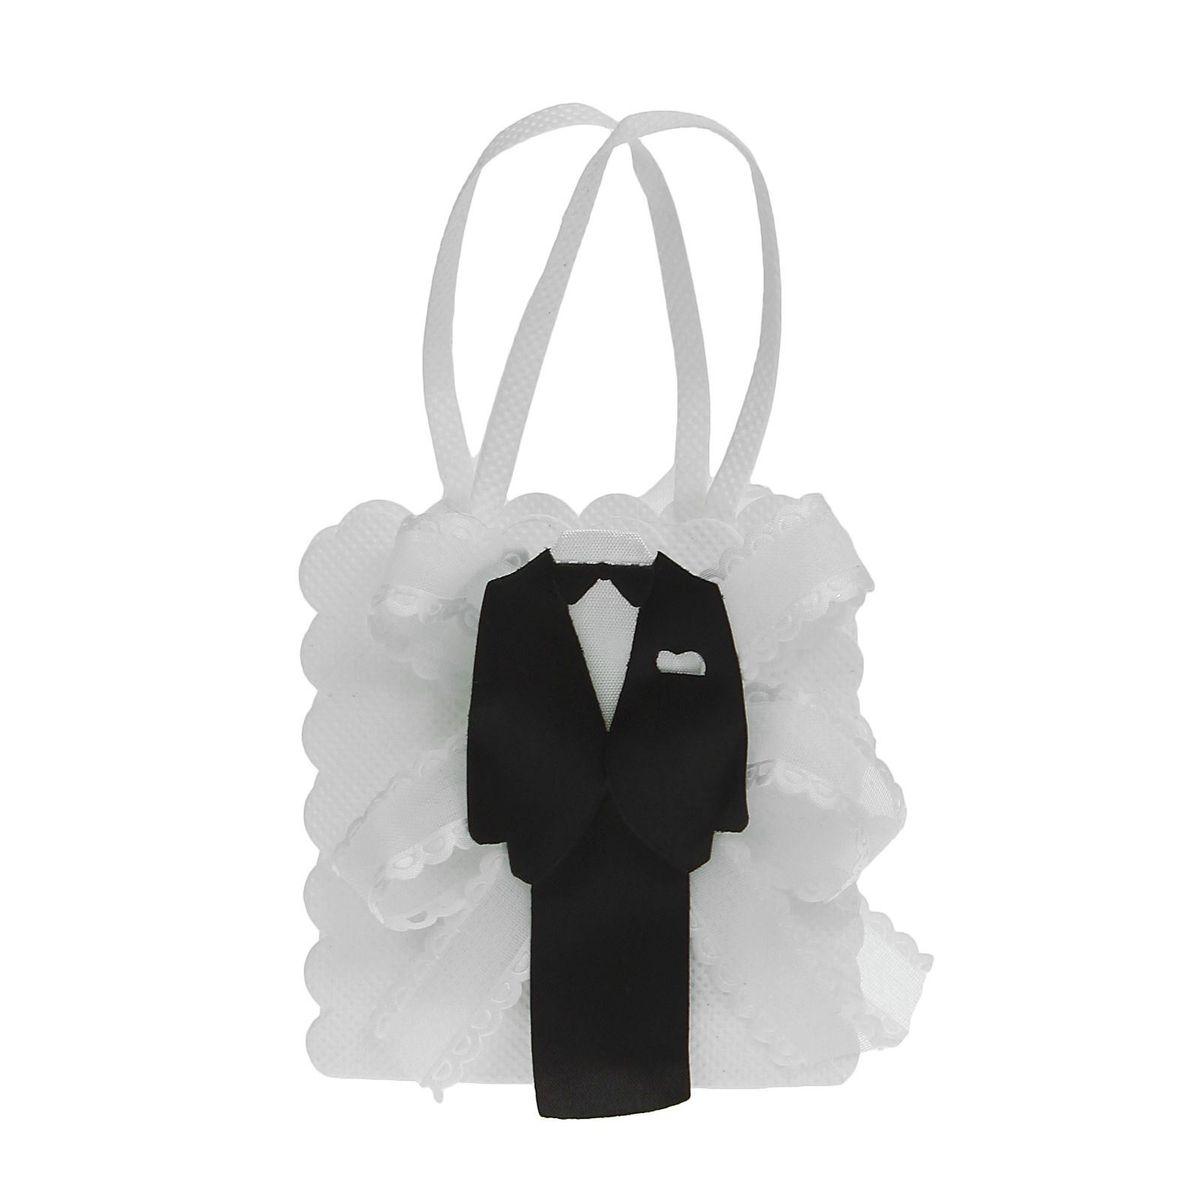 Бонбоньерка Sima-land Жених и невеста, цвет: белый, 3 x 7,5 x 8,5 см кармашки на стену для бани sima land банные мелочи цвет белый 3 шт